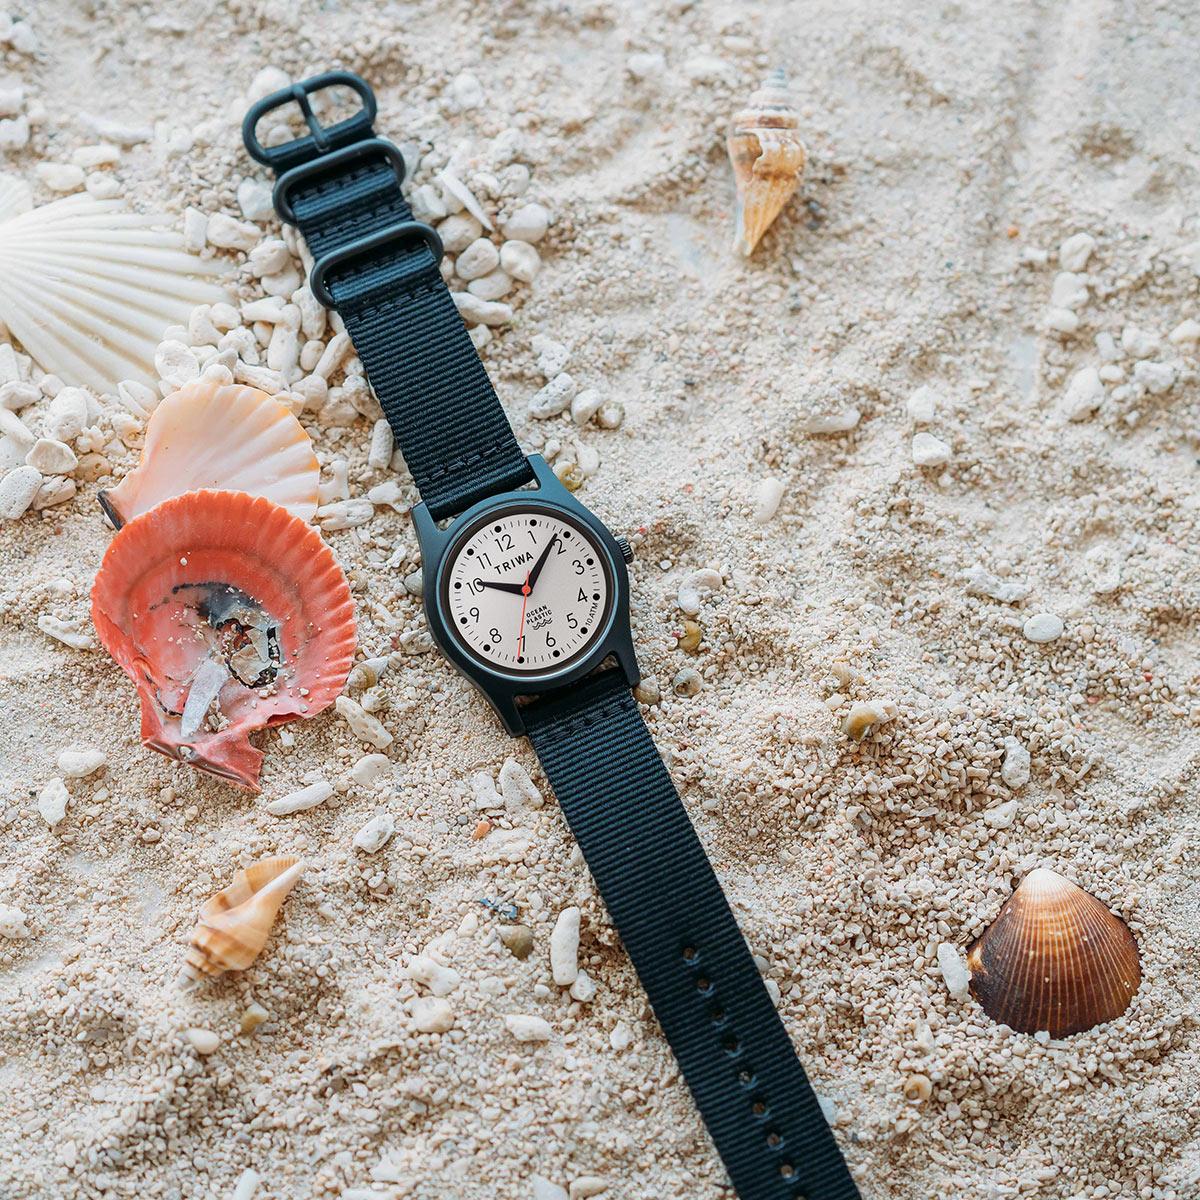 トリワ TRIWA 腕時計 メンズ レディース タイムフォーオーシャンズ 日本限定モデル ホワイト TIME FOR OCEANS JAPAN LIMITED TFO112-CL150101